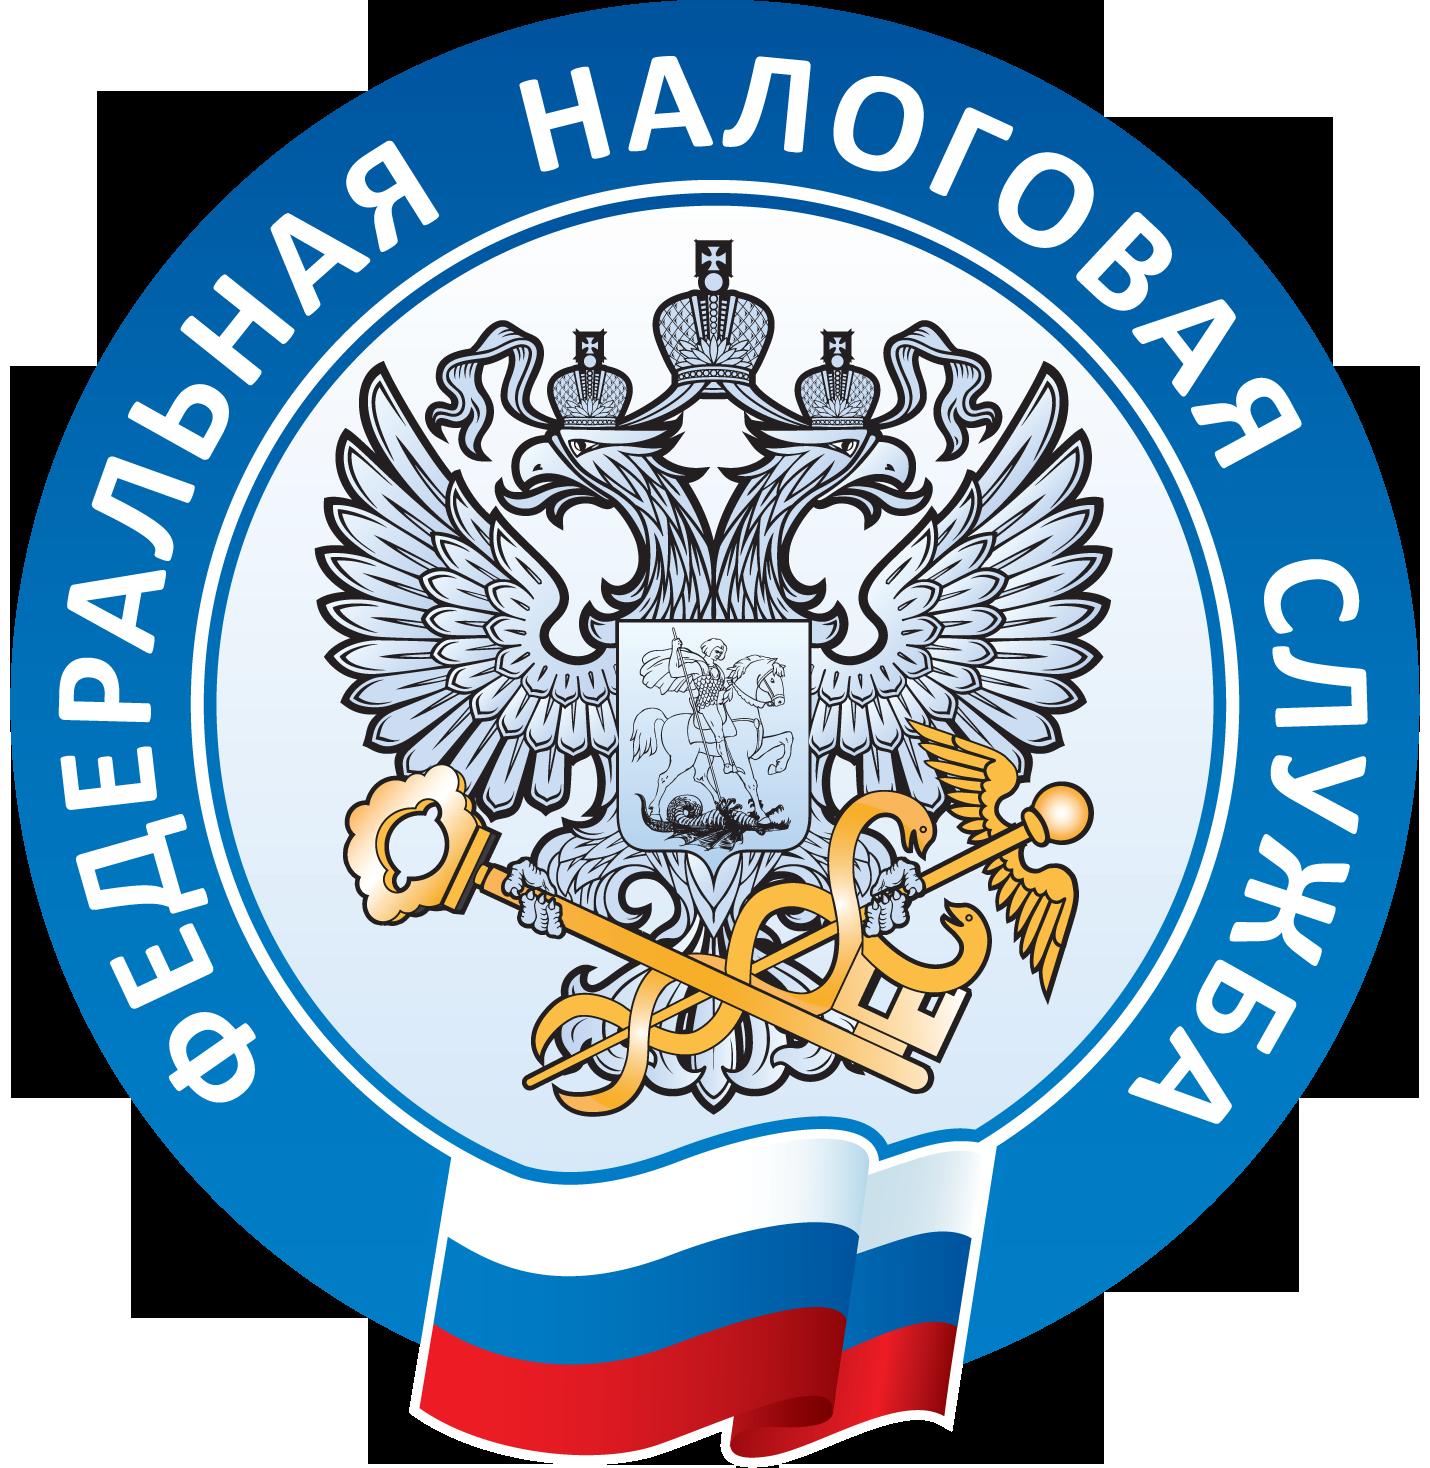 Работа в компании «Межрайонная инспекция Федеральной налоговой службы № 25 по Санкт-Петербургу» в Санкт-Петербурга